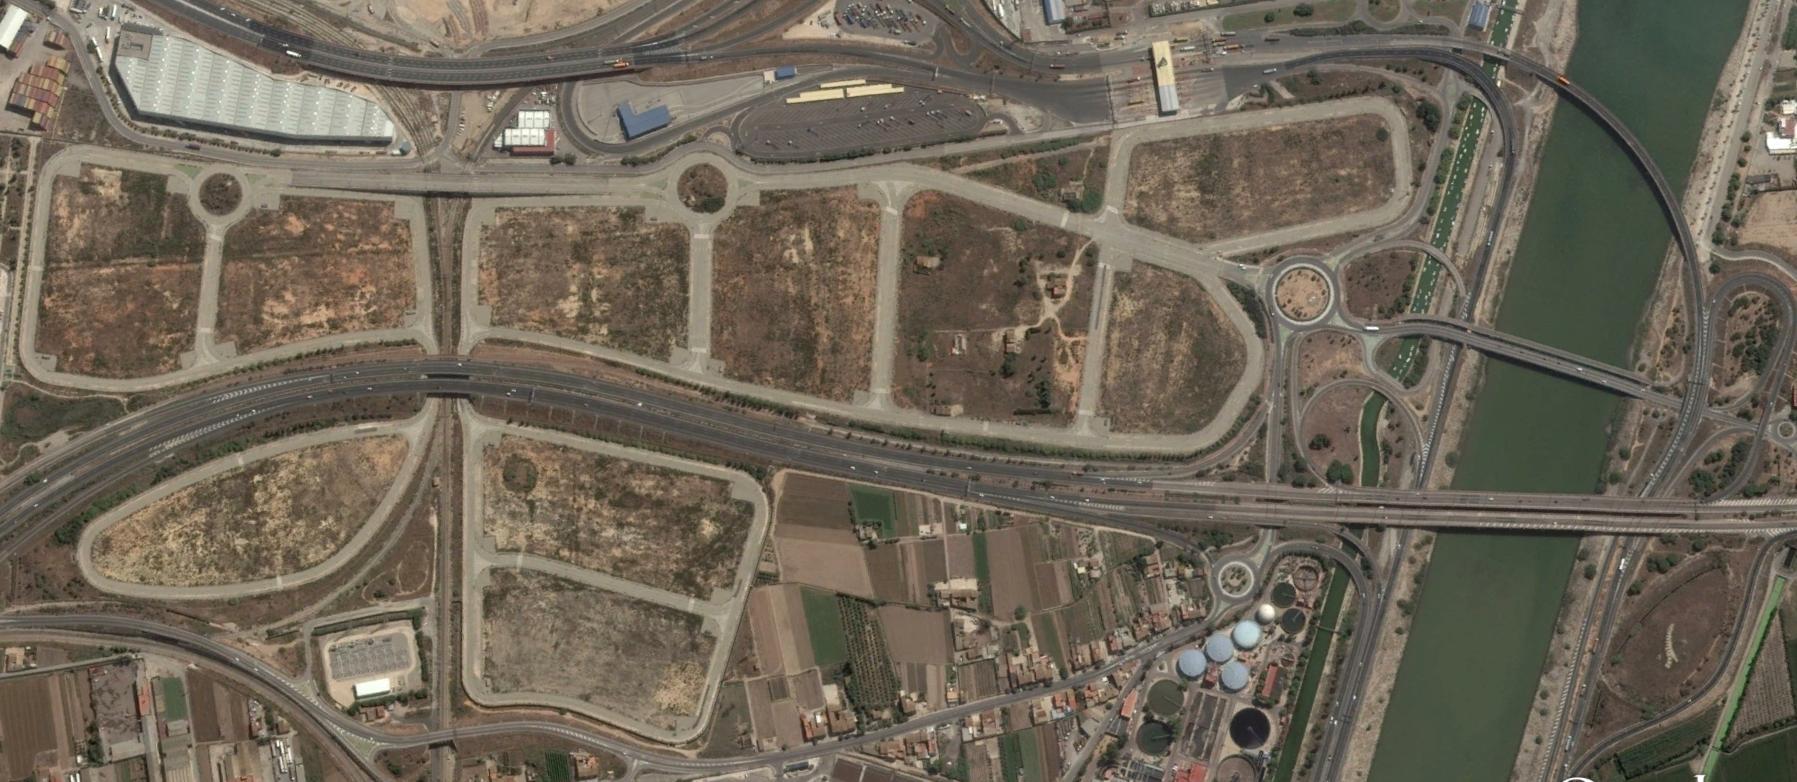 la punta, valencia, solo la punta, después, urbanismo, planeamiento, urbano, desastre, urbanístico, construcción, rotondas, carretera